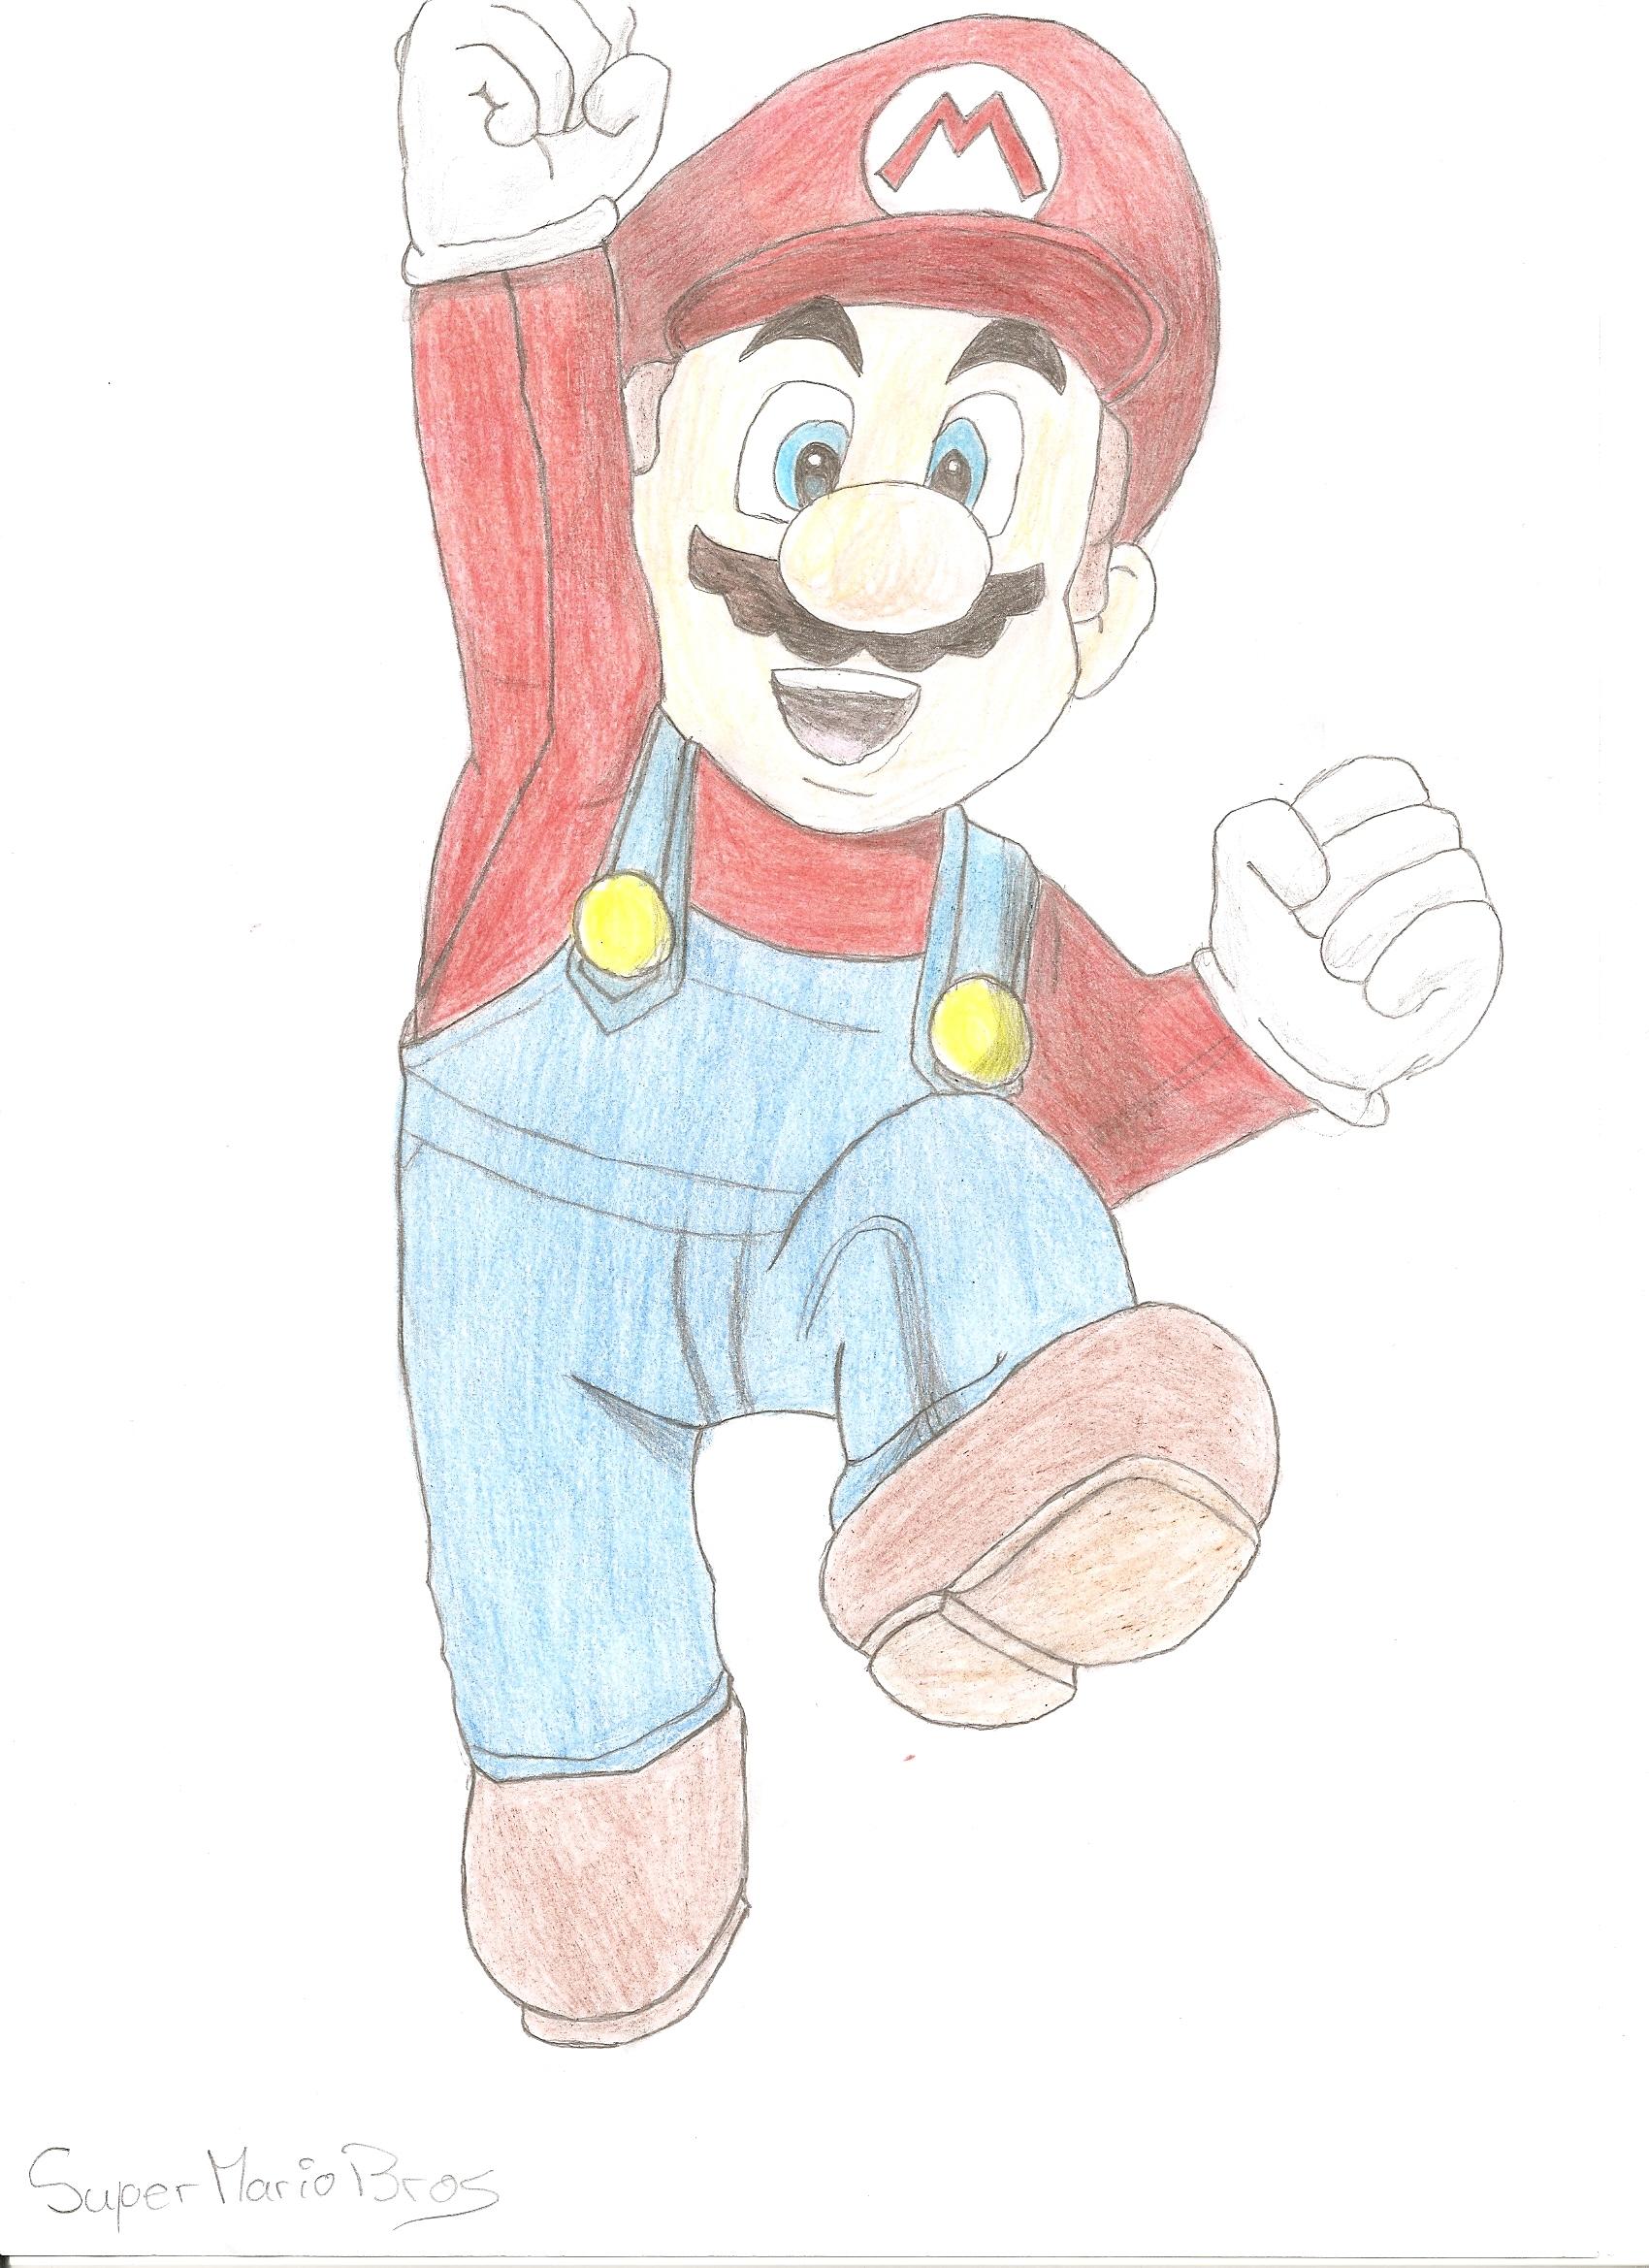 Mario et pêche ayant des rapports sexuels